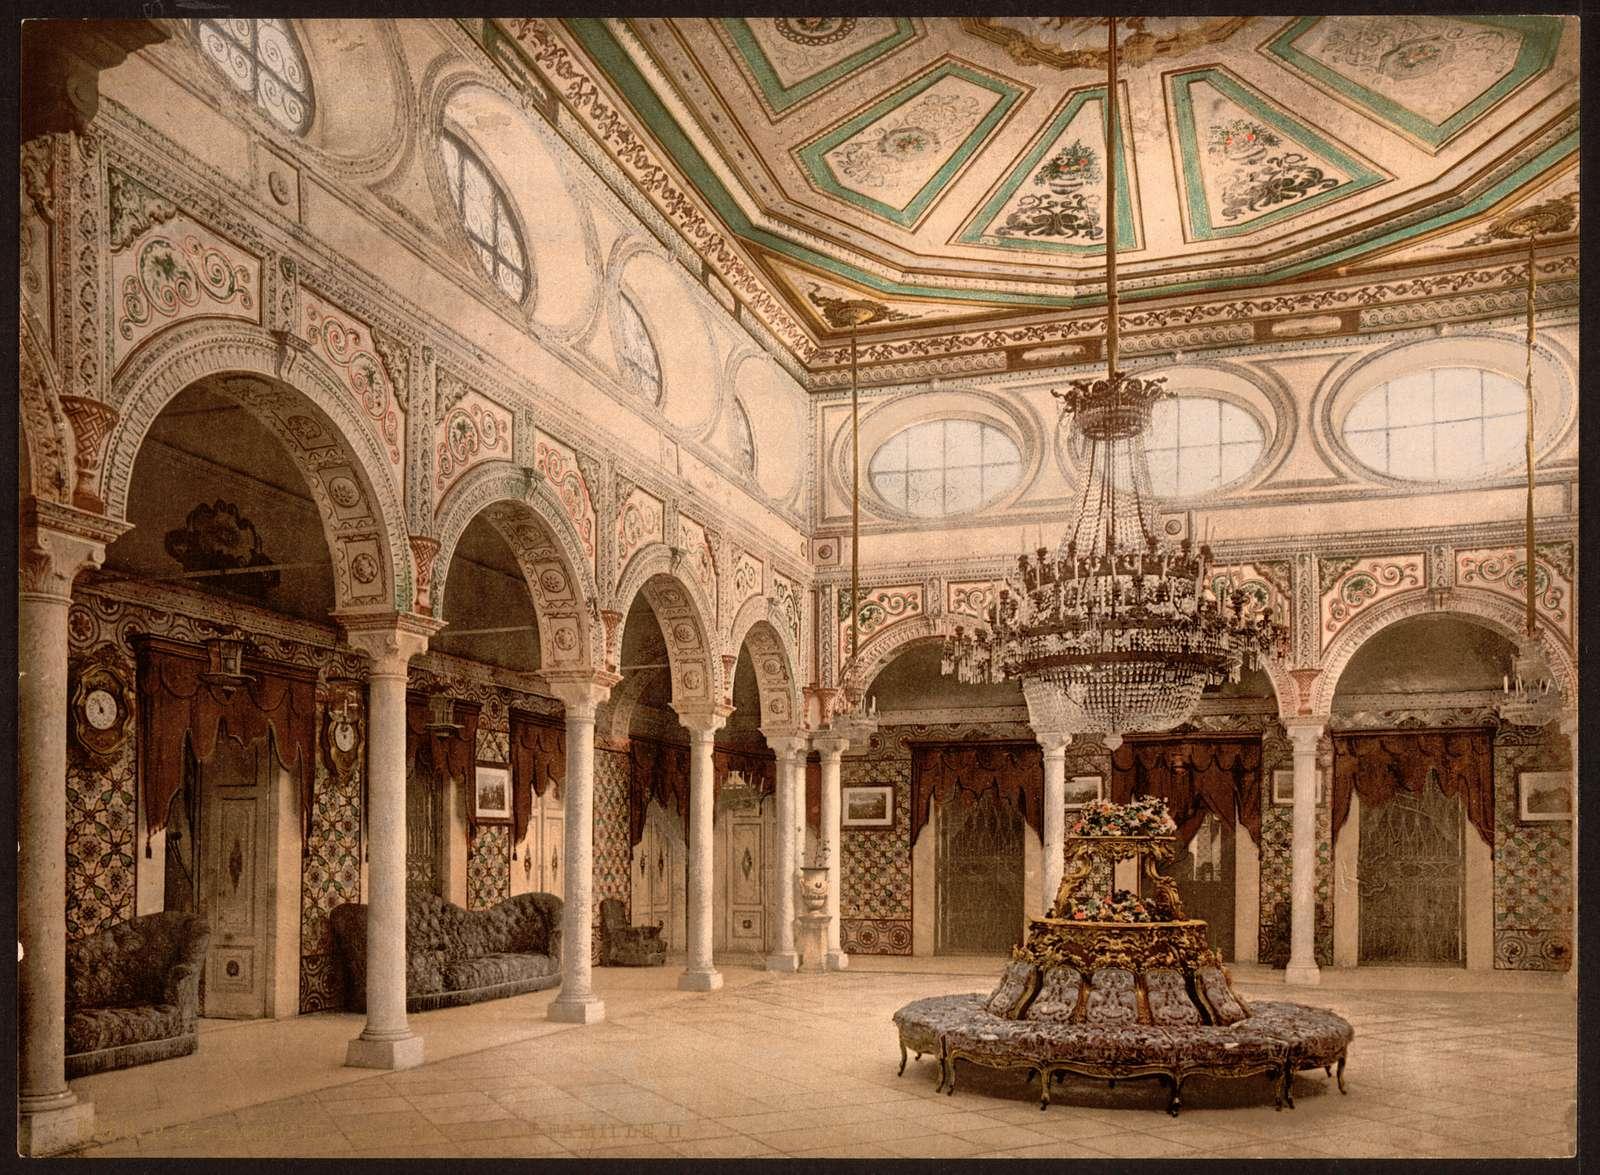 [Private drawing room, II, Kasr-el-Said, Tunisia]